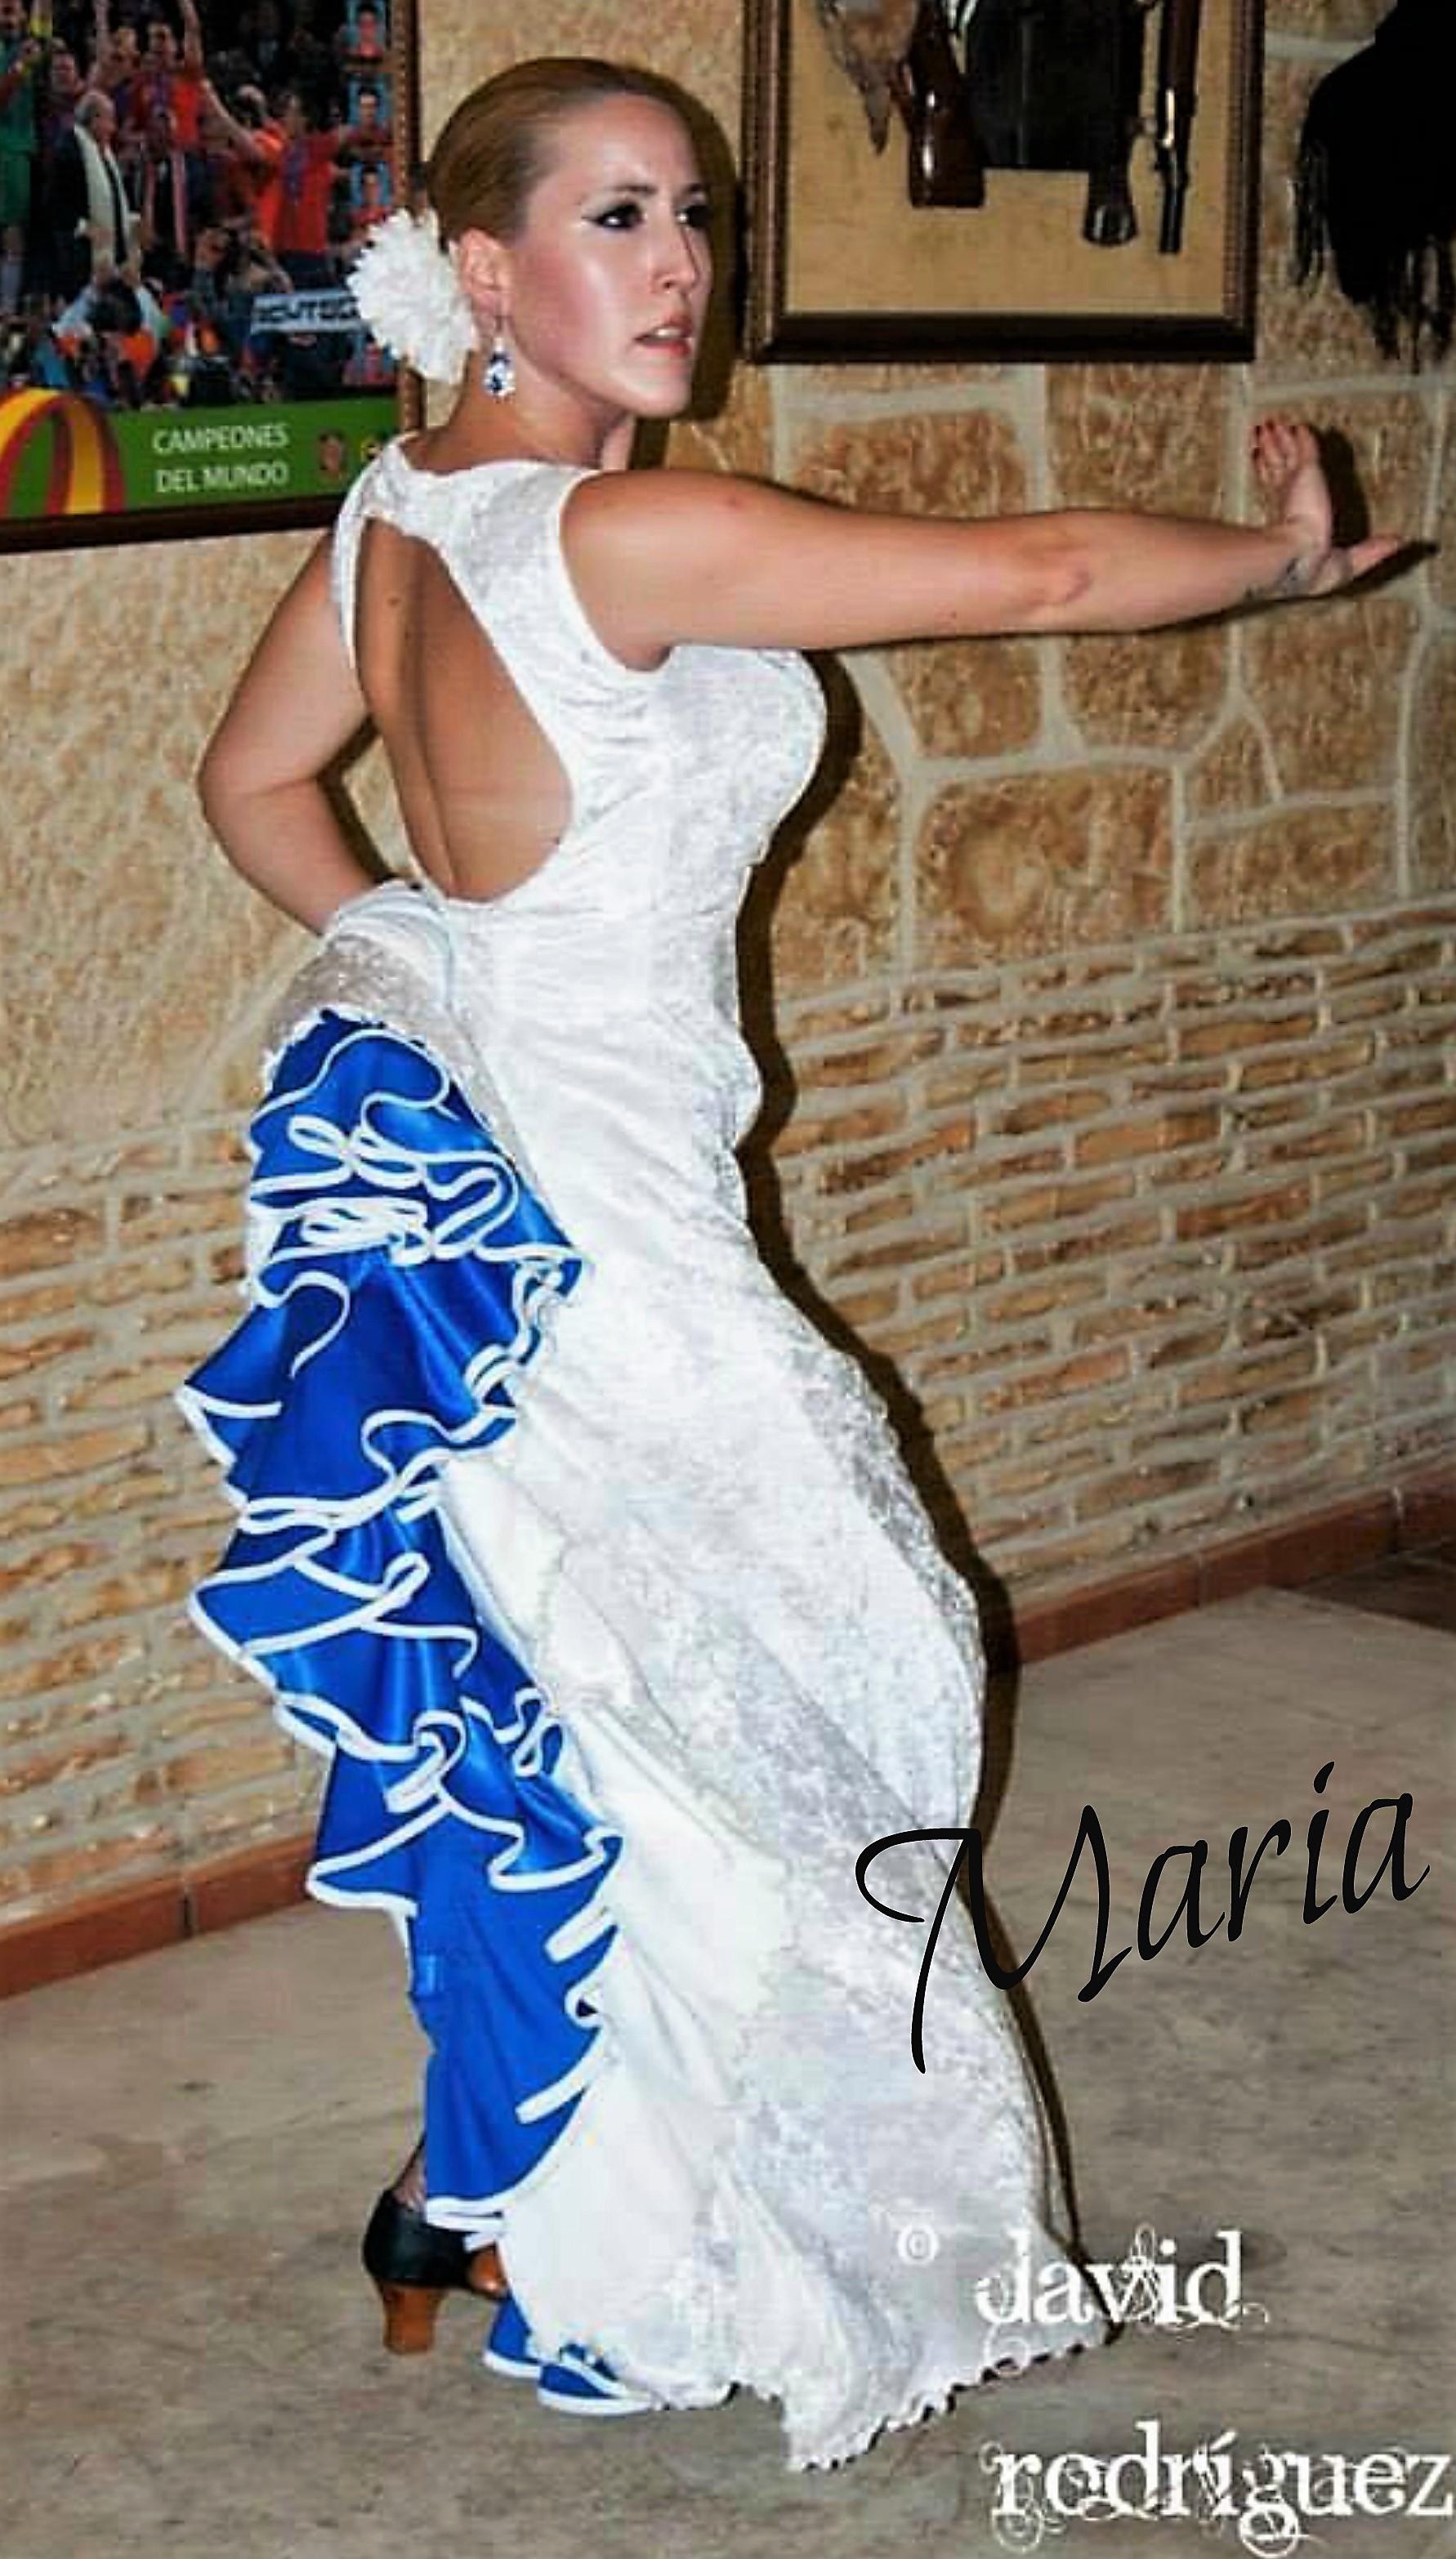 Maria Rionda